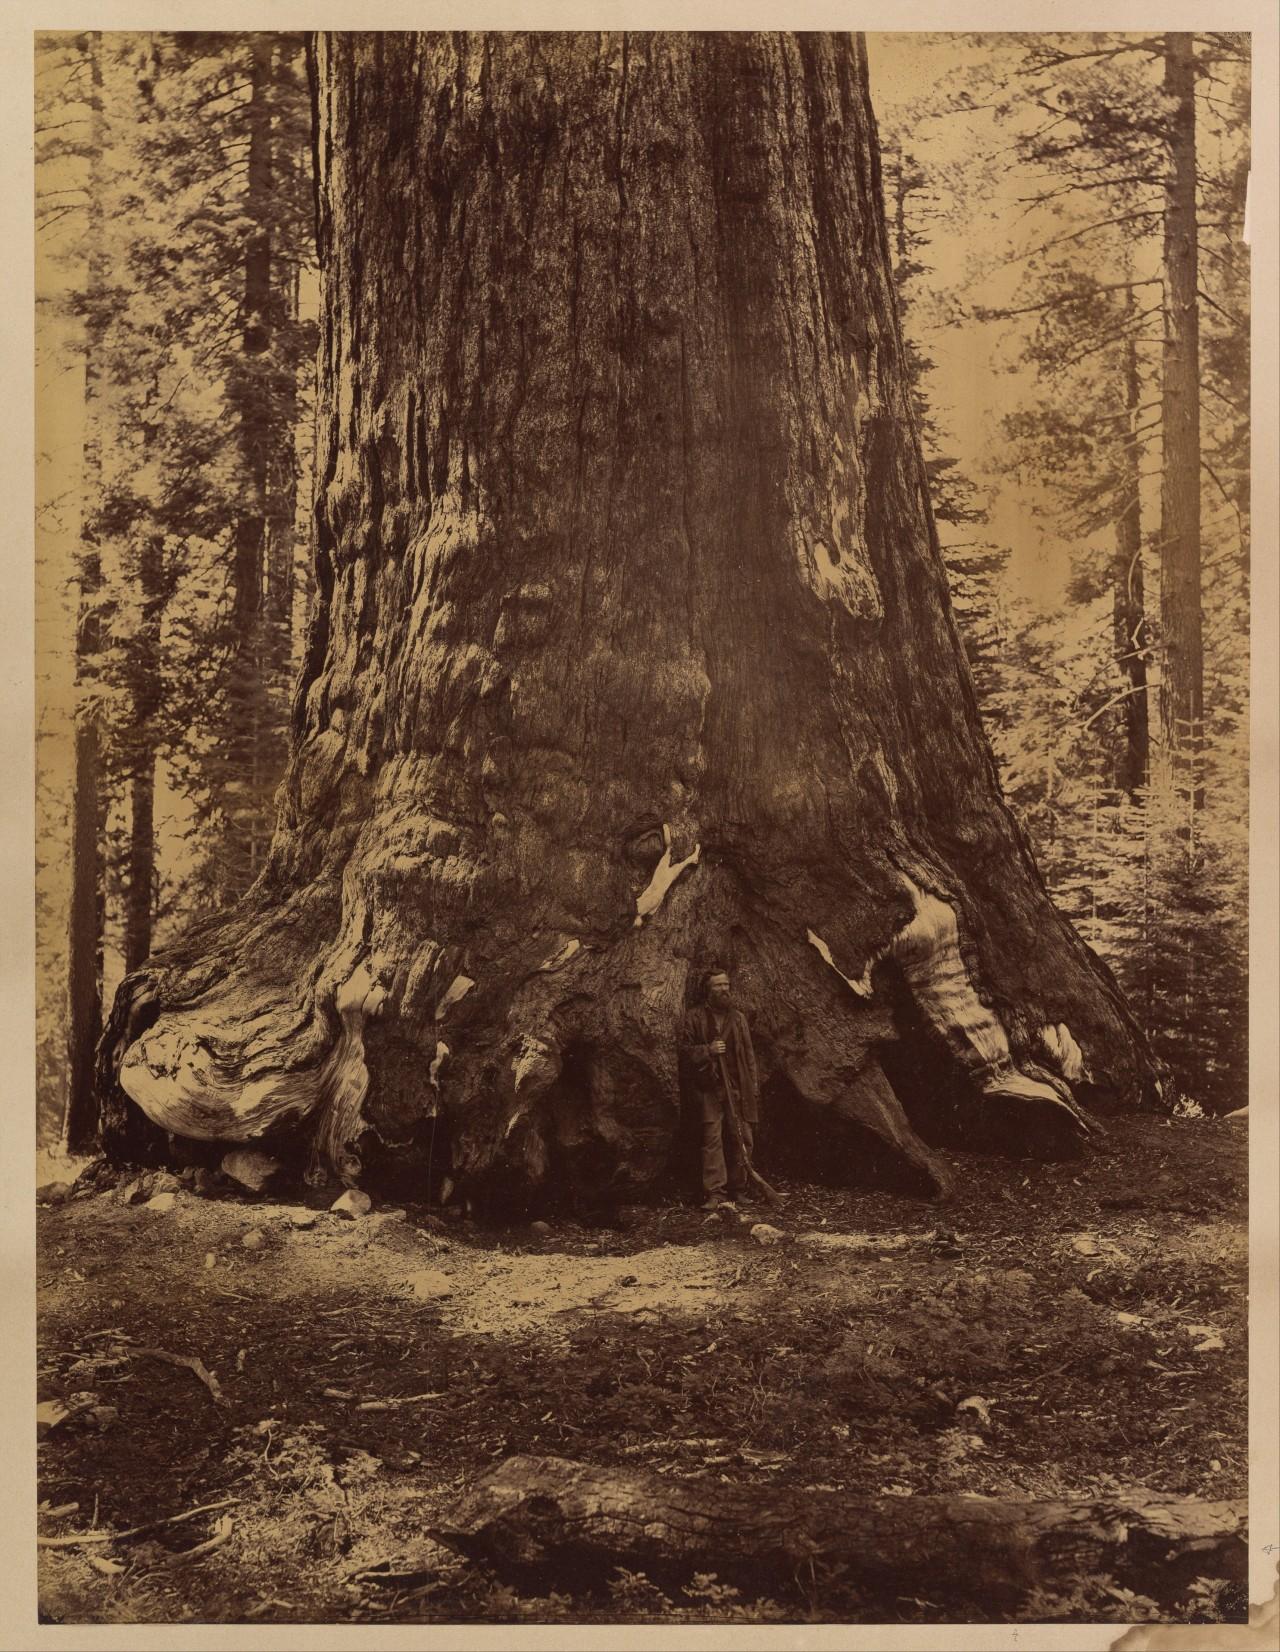 Среди гигантских секвой в роще Марипоса, Йосемити, Калифорния, США, 1865–66. Автор Карлтон Э. Уоткинс